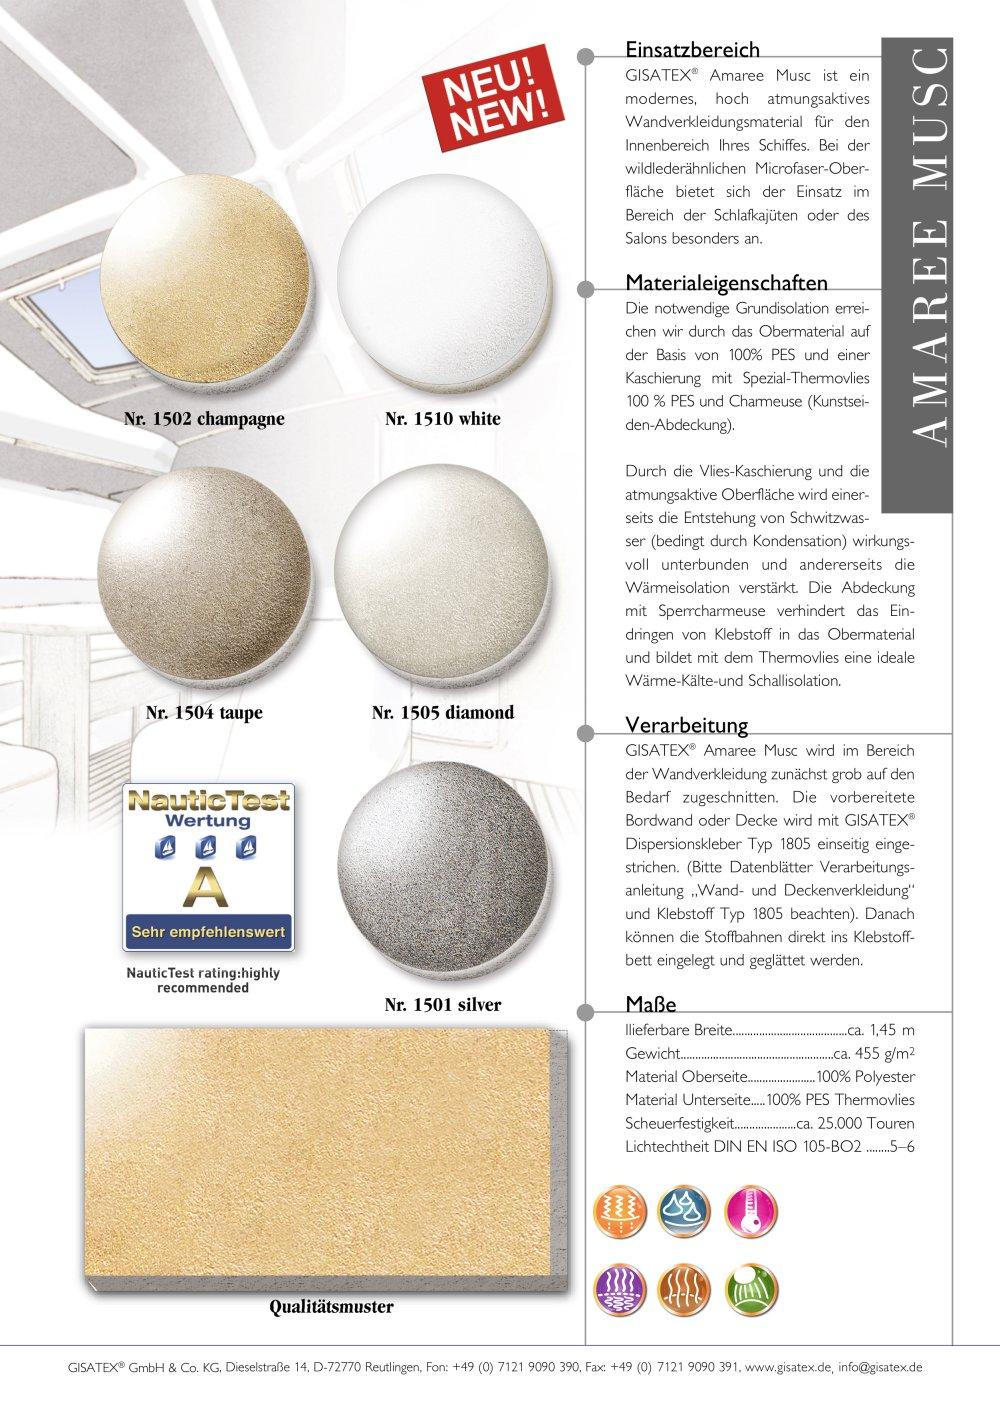 wand- und deckenisolation - gisatex gmbh & co. kg - pdf catalogues